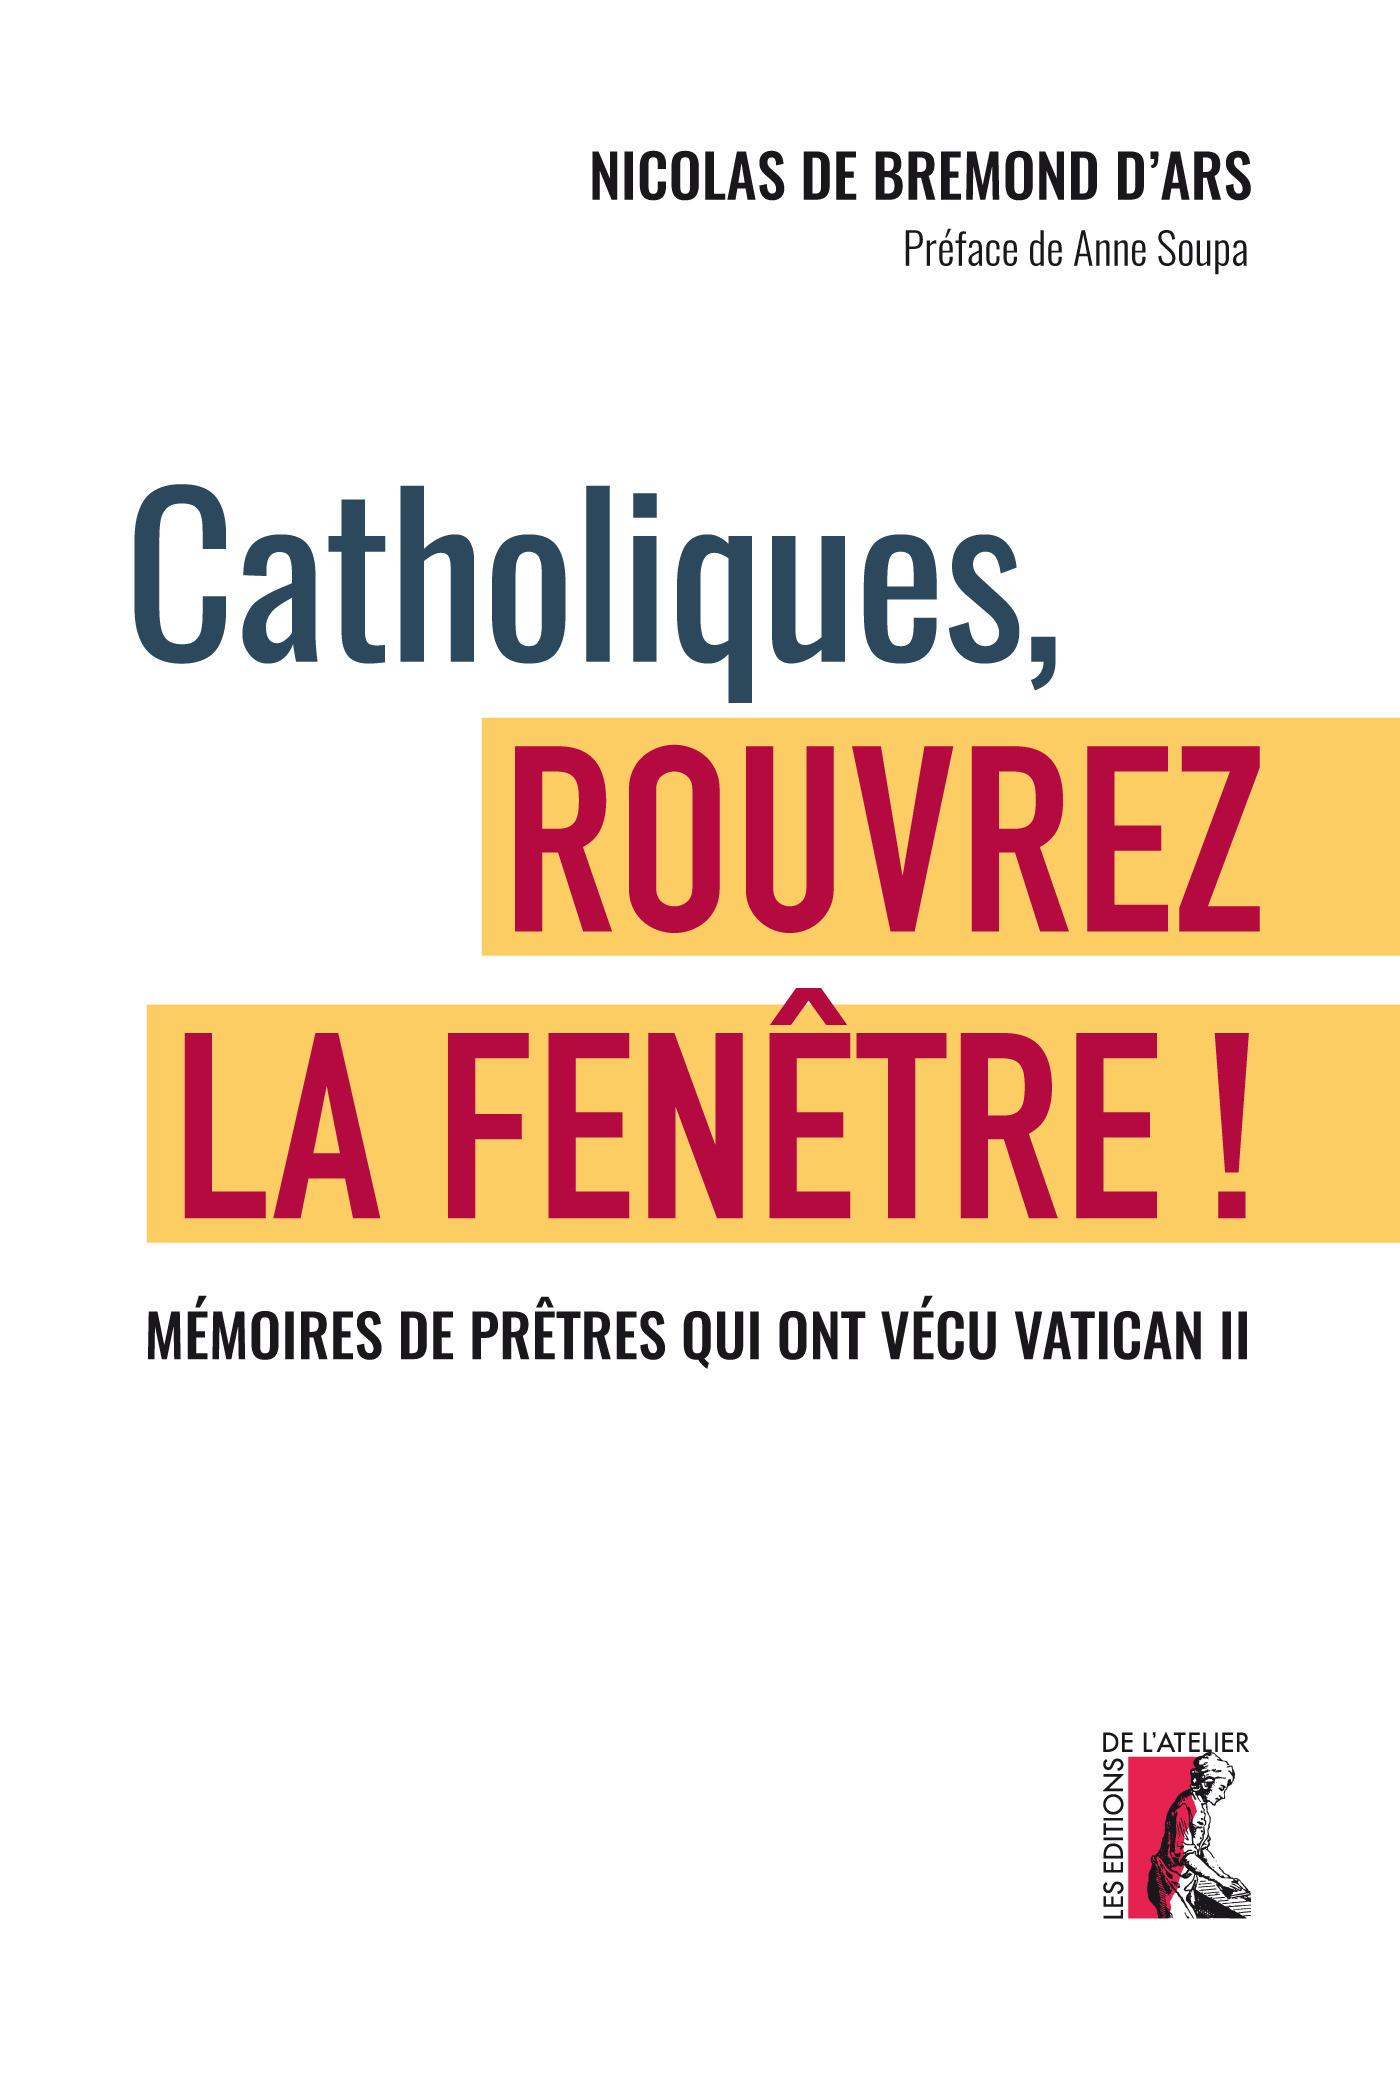 Catholiques, rouvrez la fenêtre ! mémoires de prêtres qui ont vécu Vatican II